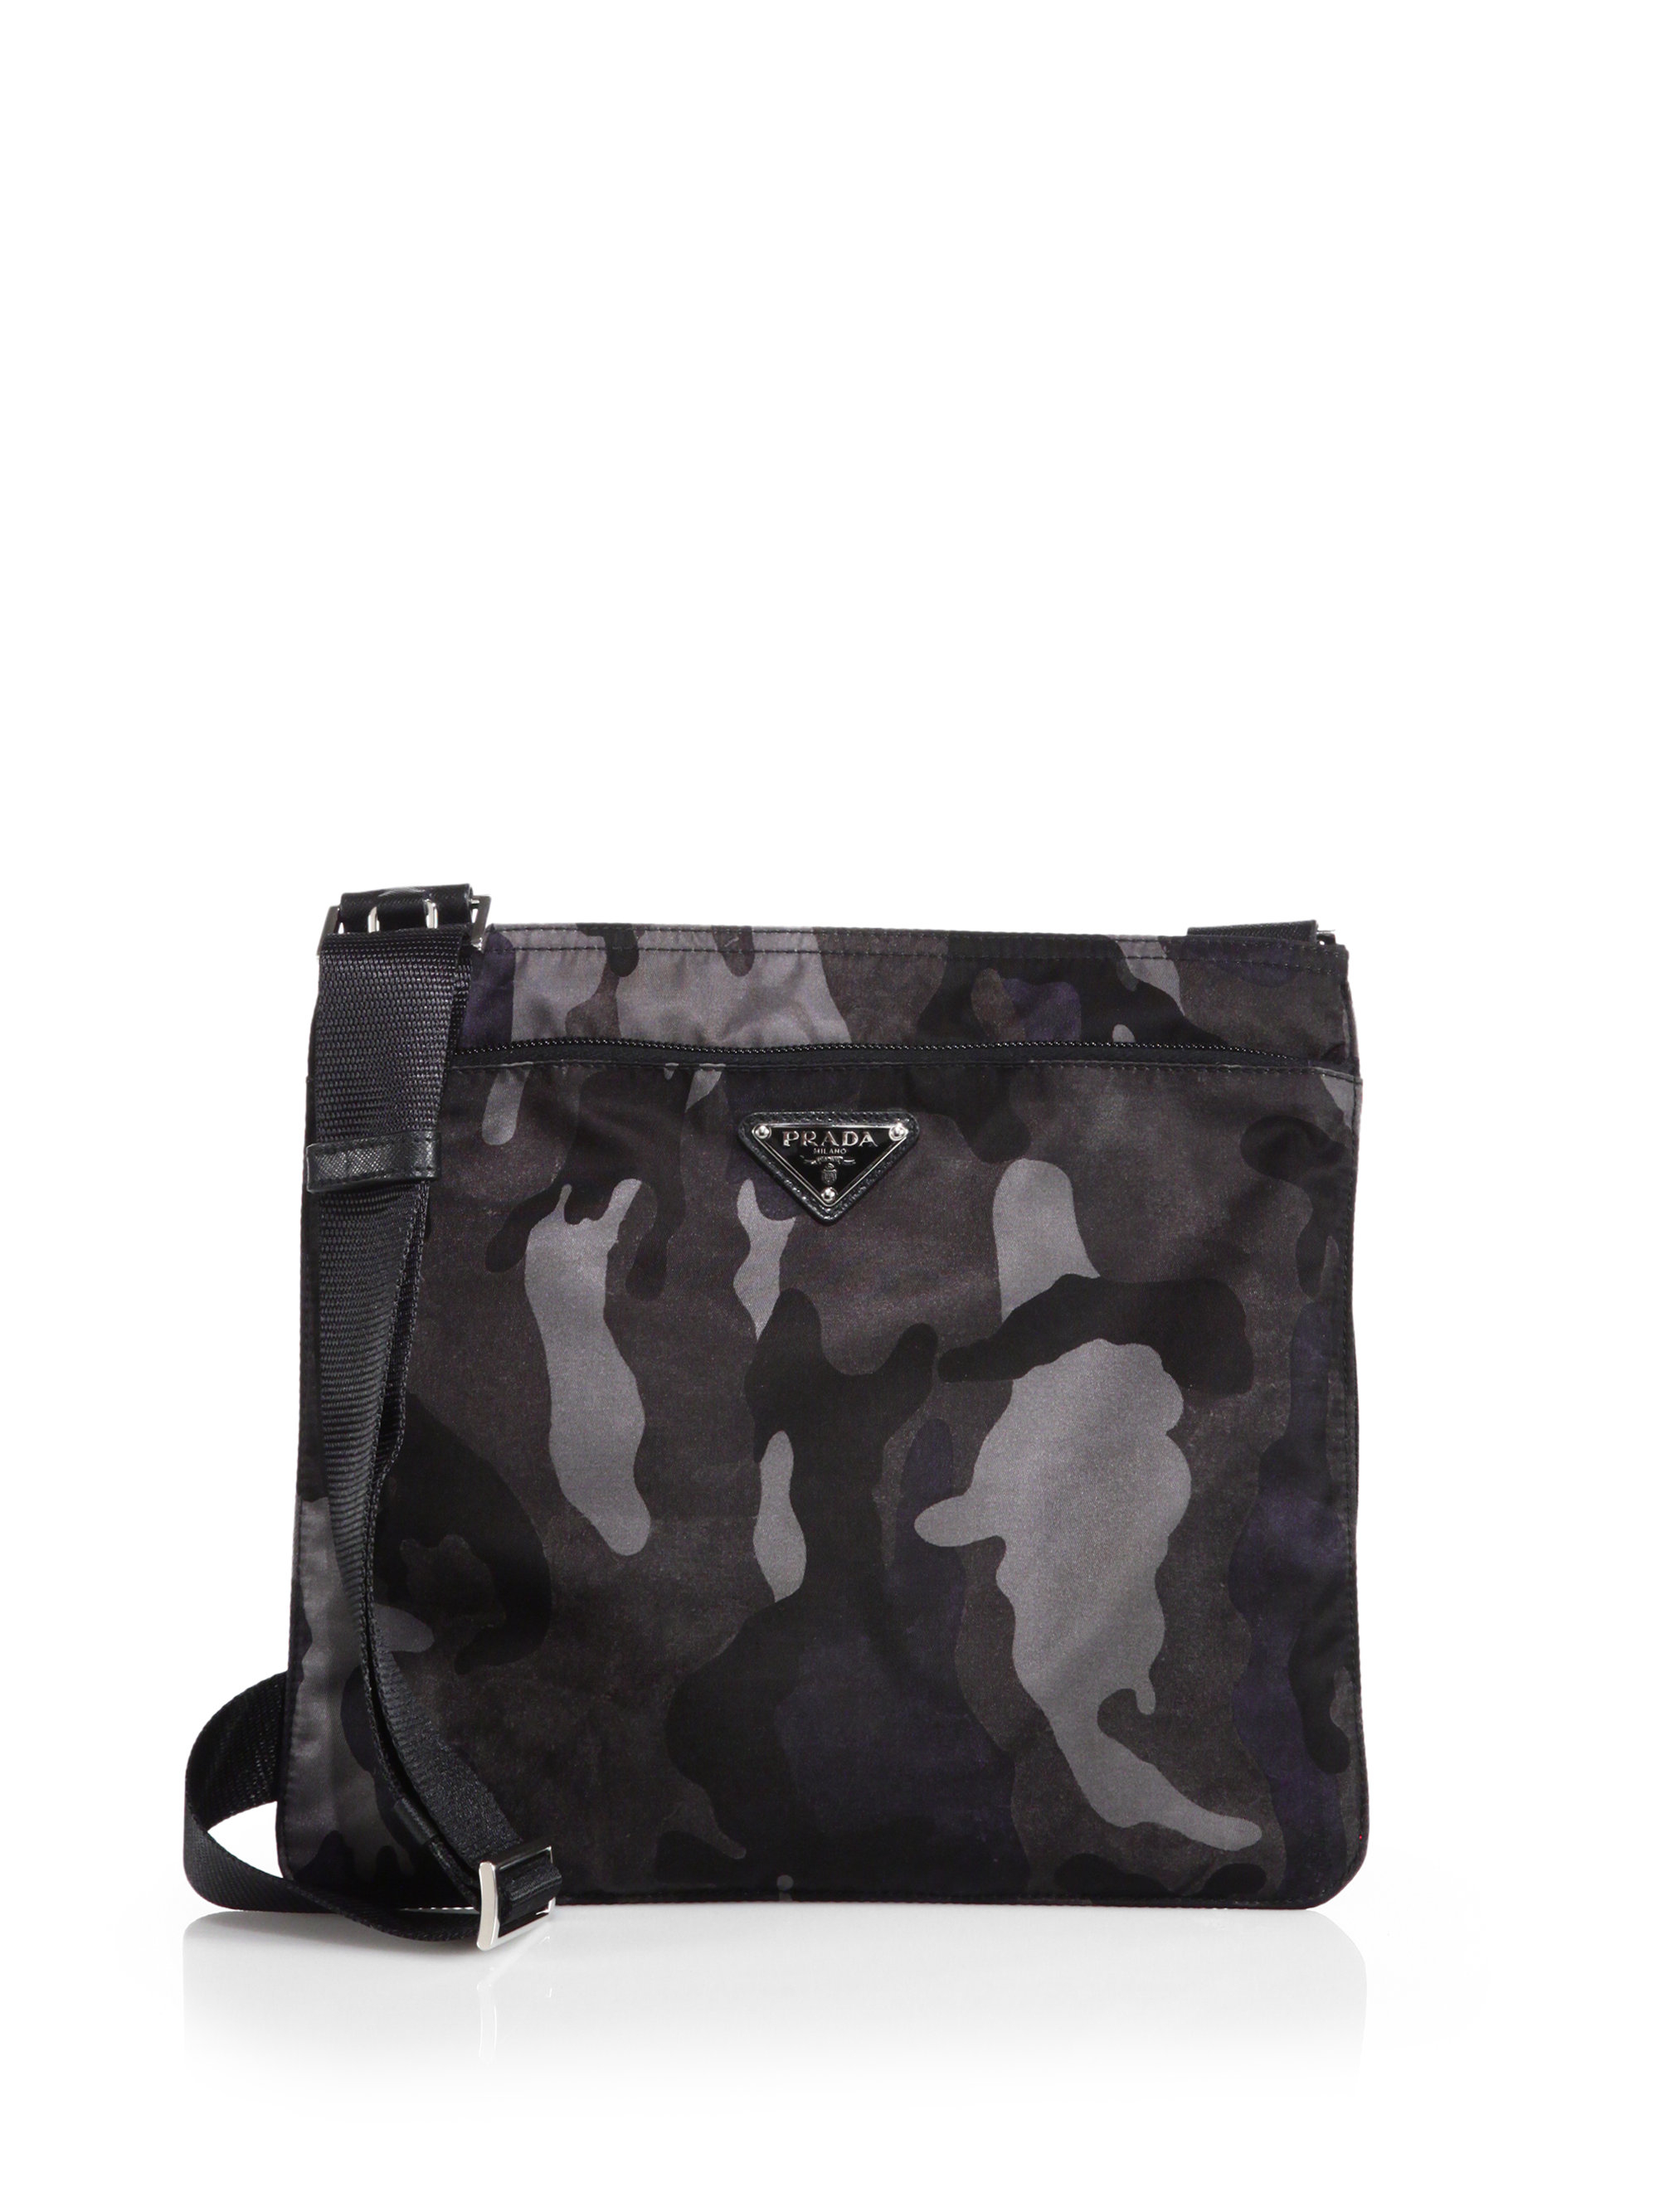 3f1e7724 store prada shoulder bedford green black 85574 e433e